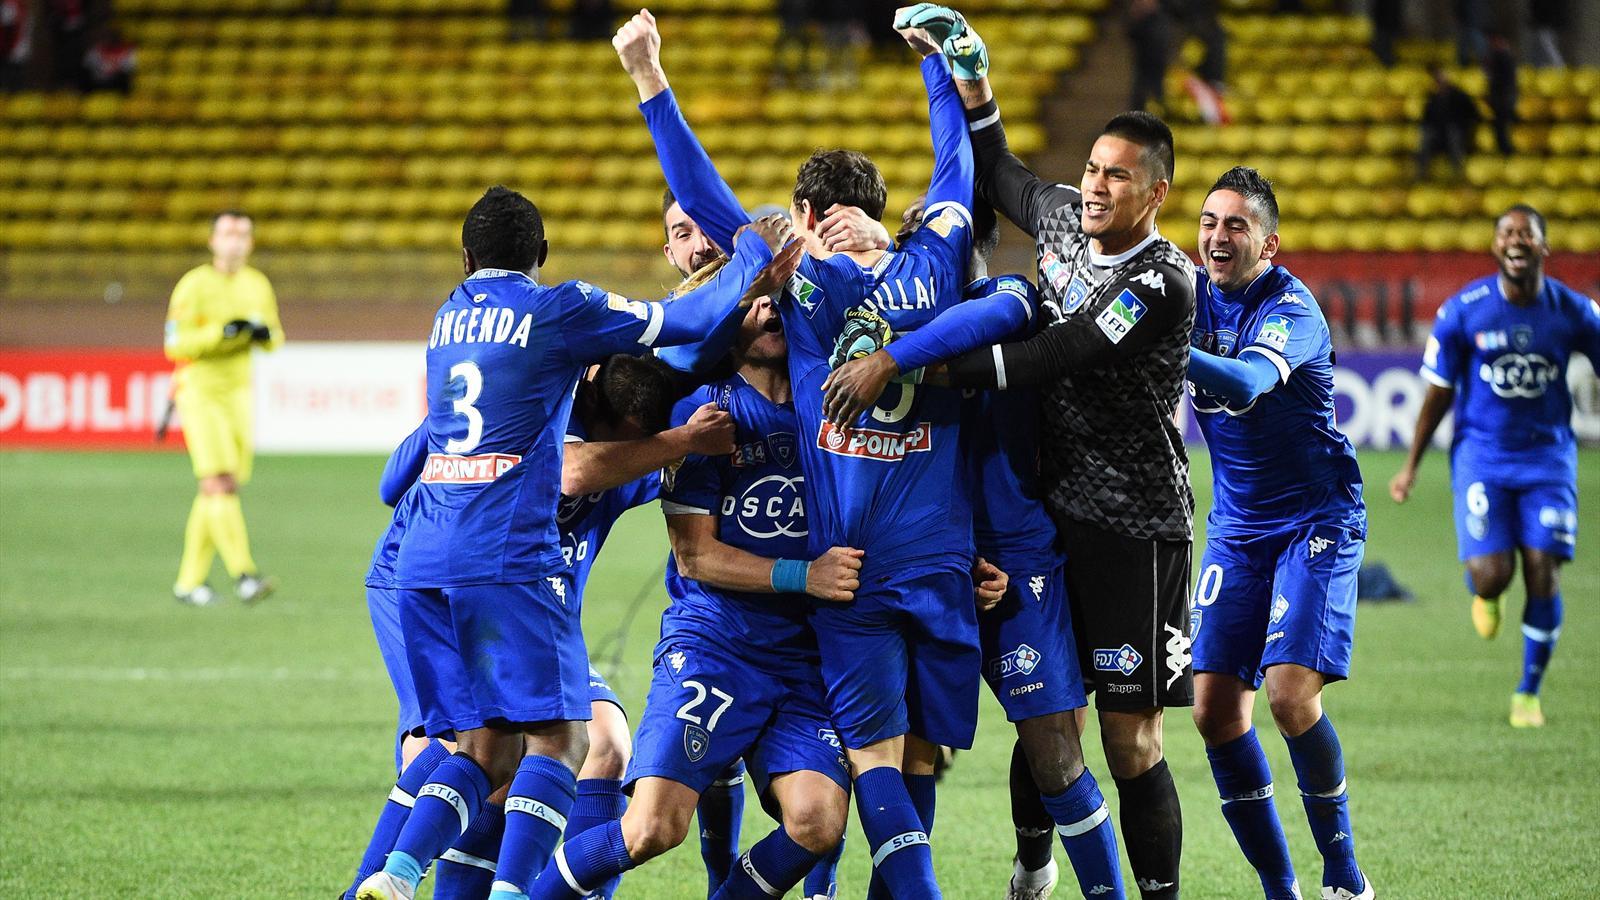 Coupe de la ligue bastia rejoint le psg en finale en liminant monaco aux tirs au but coupe - Coupe de la ligue finale 2015 ...